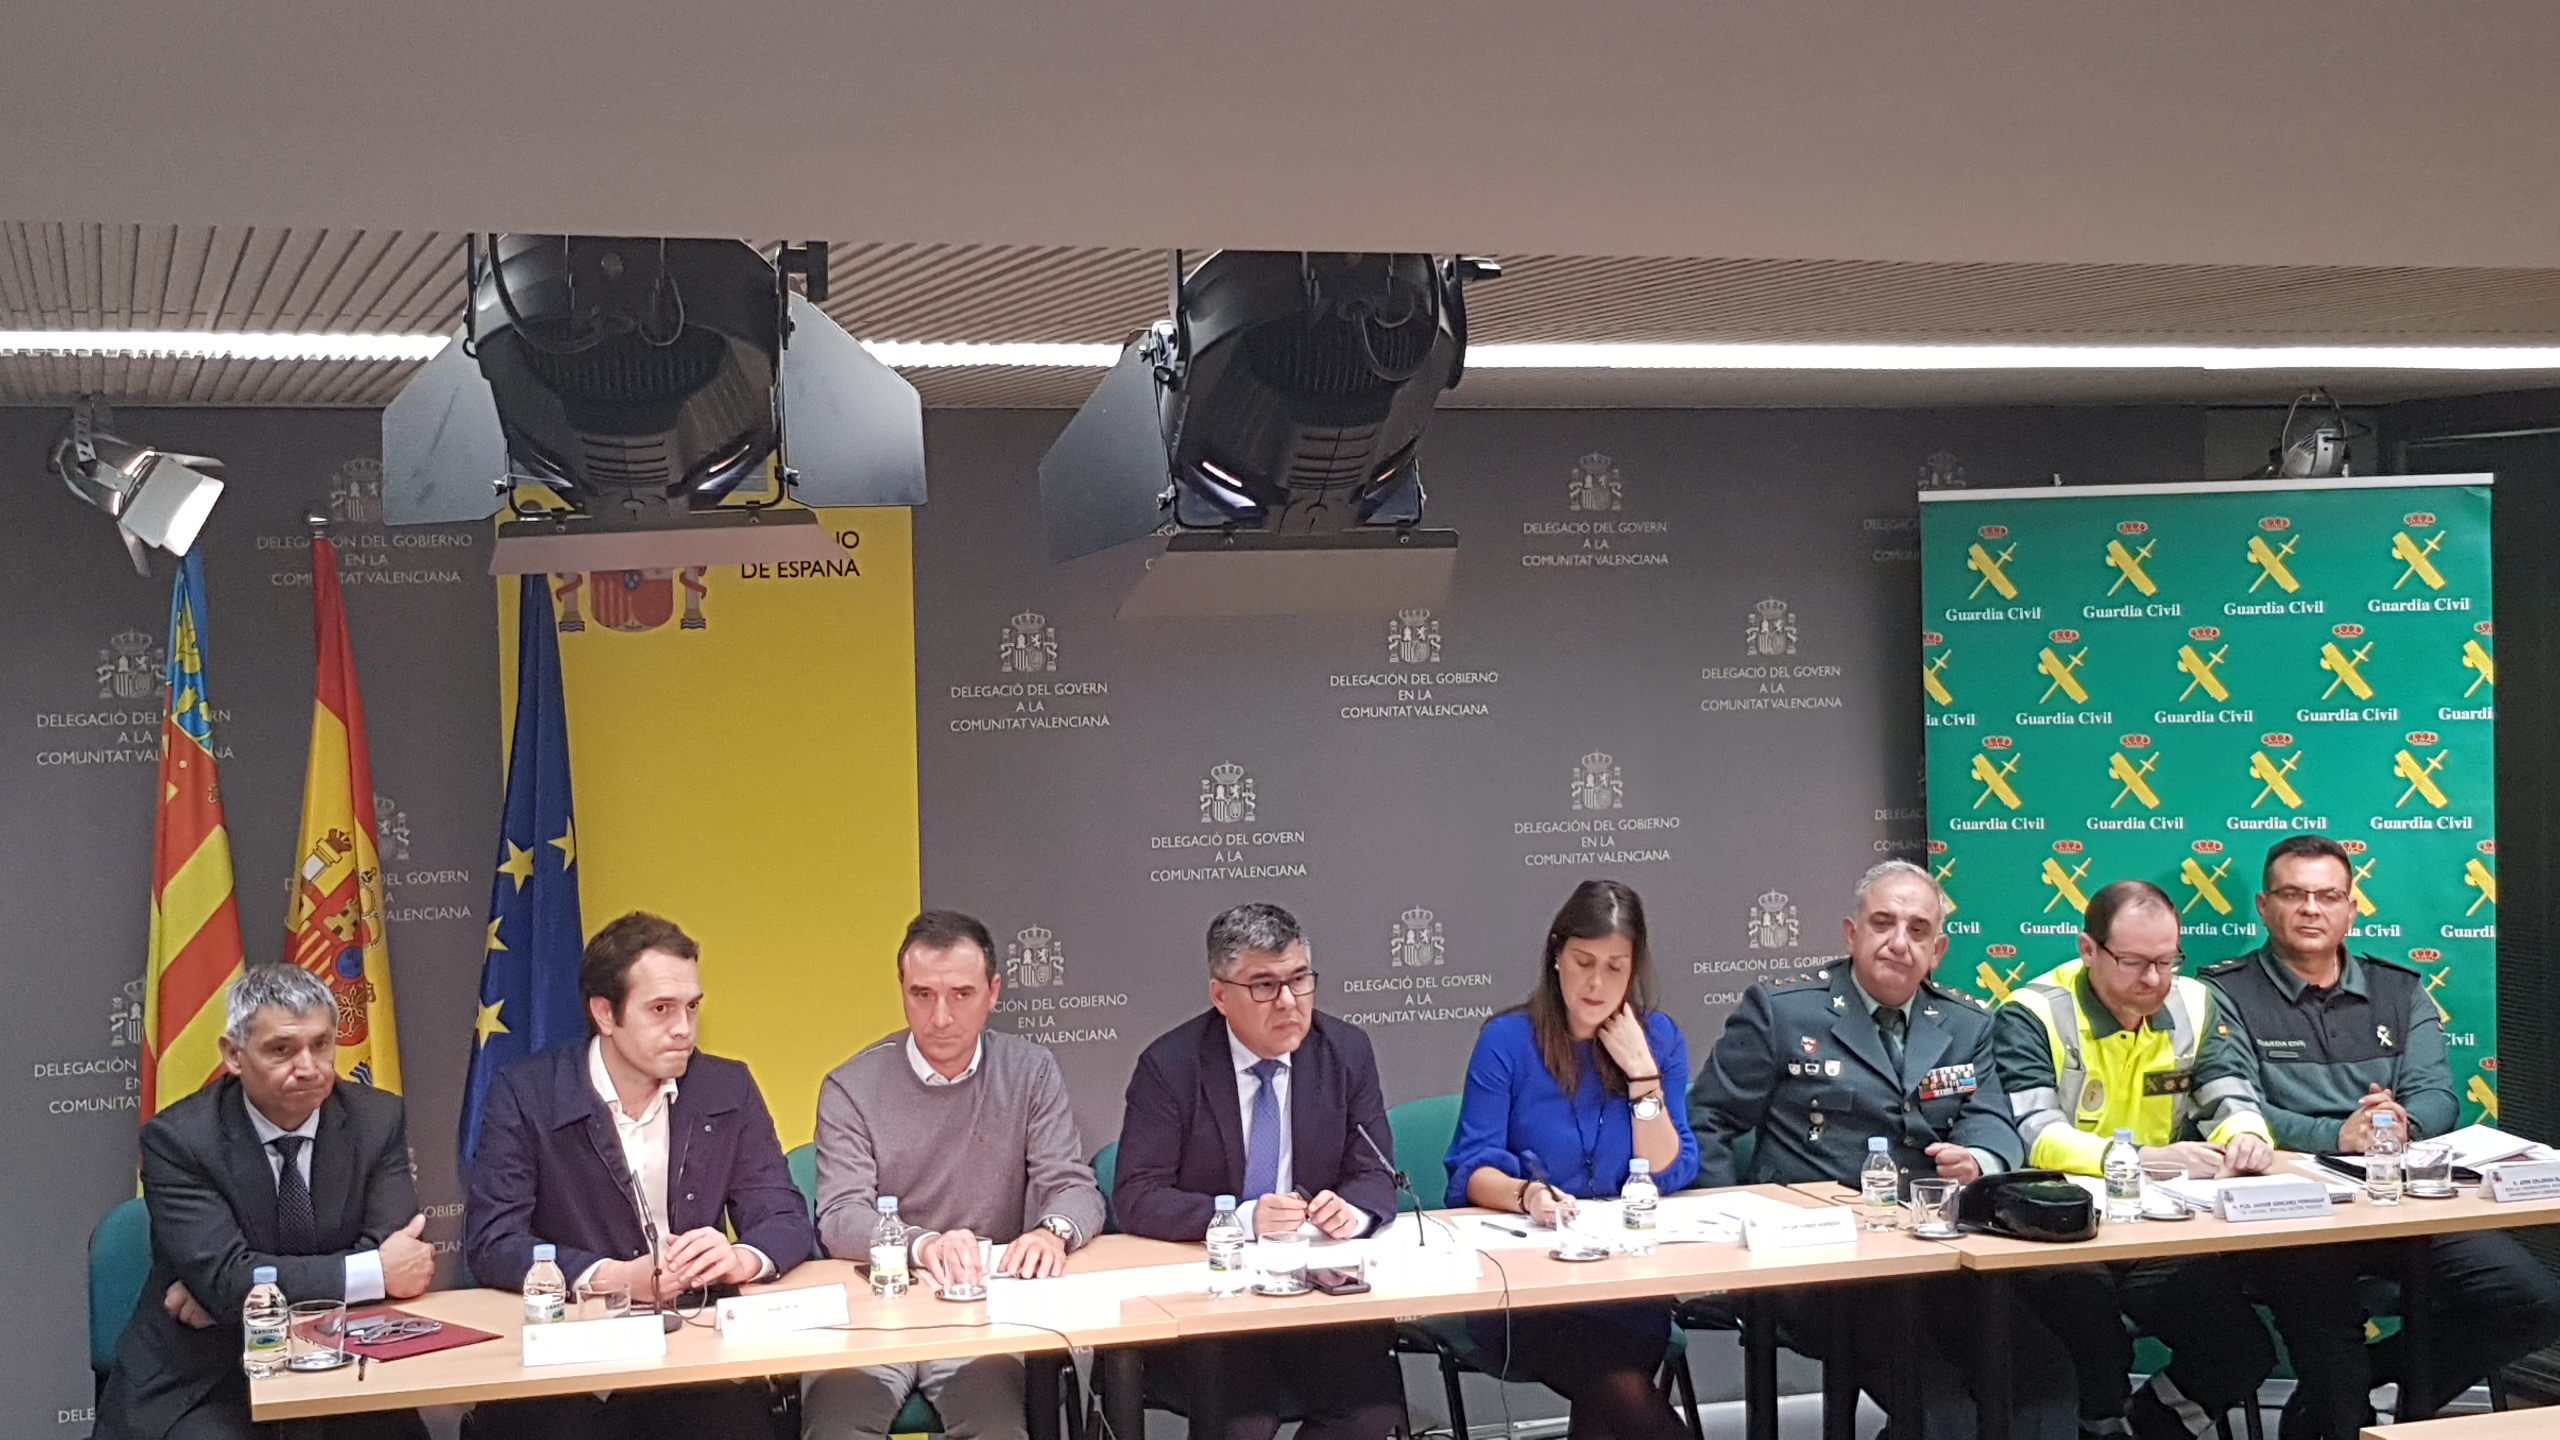 Este año se suman los efectivos de Protección Civil, de la Agencia de Seguridad y Respuesta de las Emergencias y de los ayuntamientos de Ches y Riba-roja del Túria.